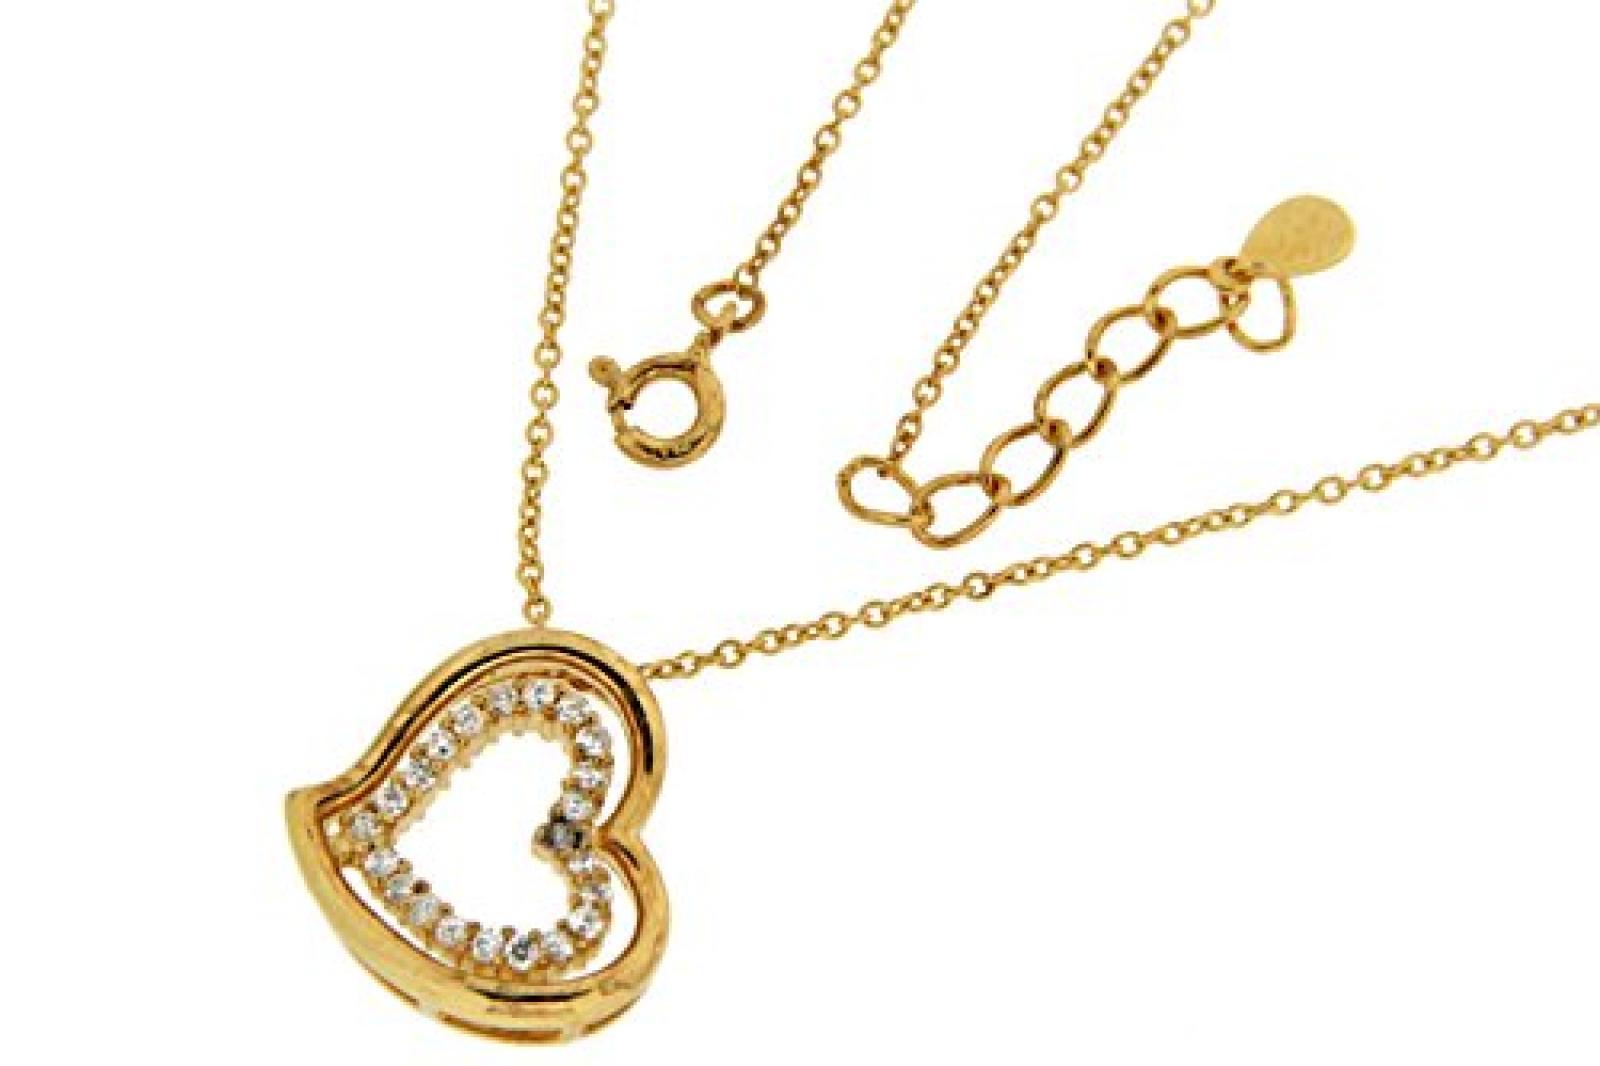 Kettenworld Damen Halskette 925 Sterling Silber Zirkonia 343673